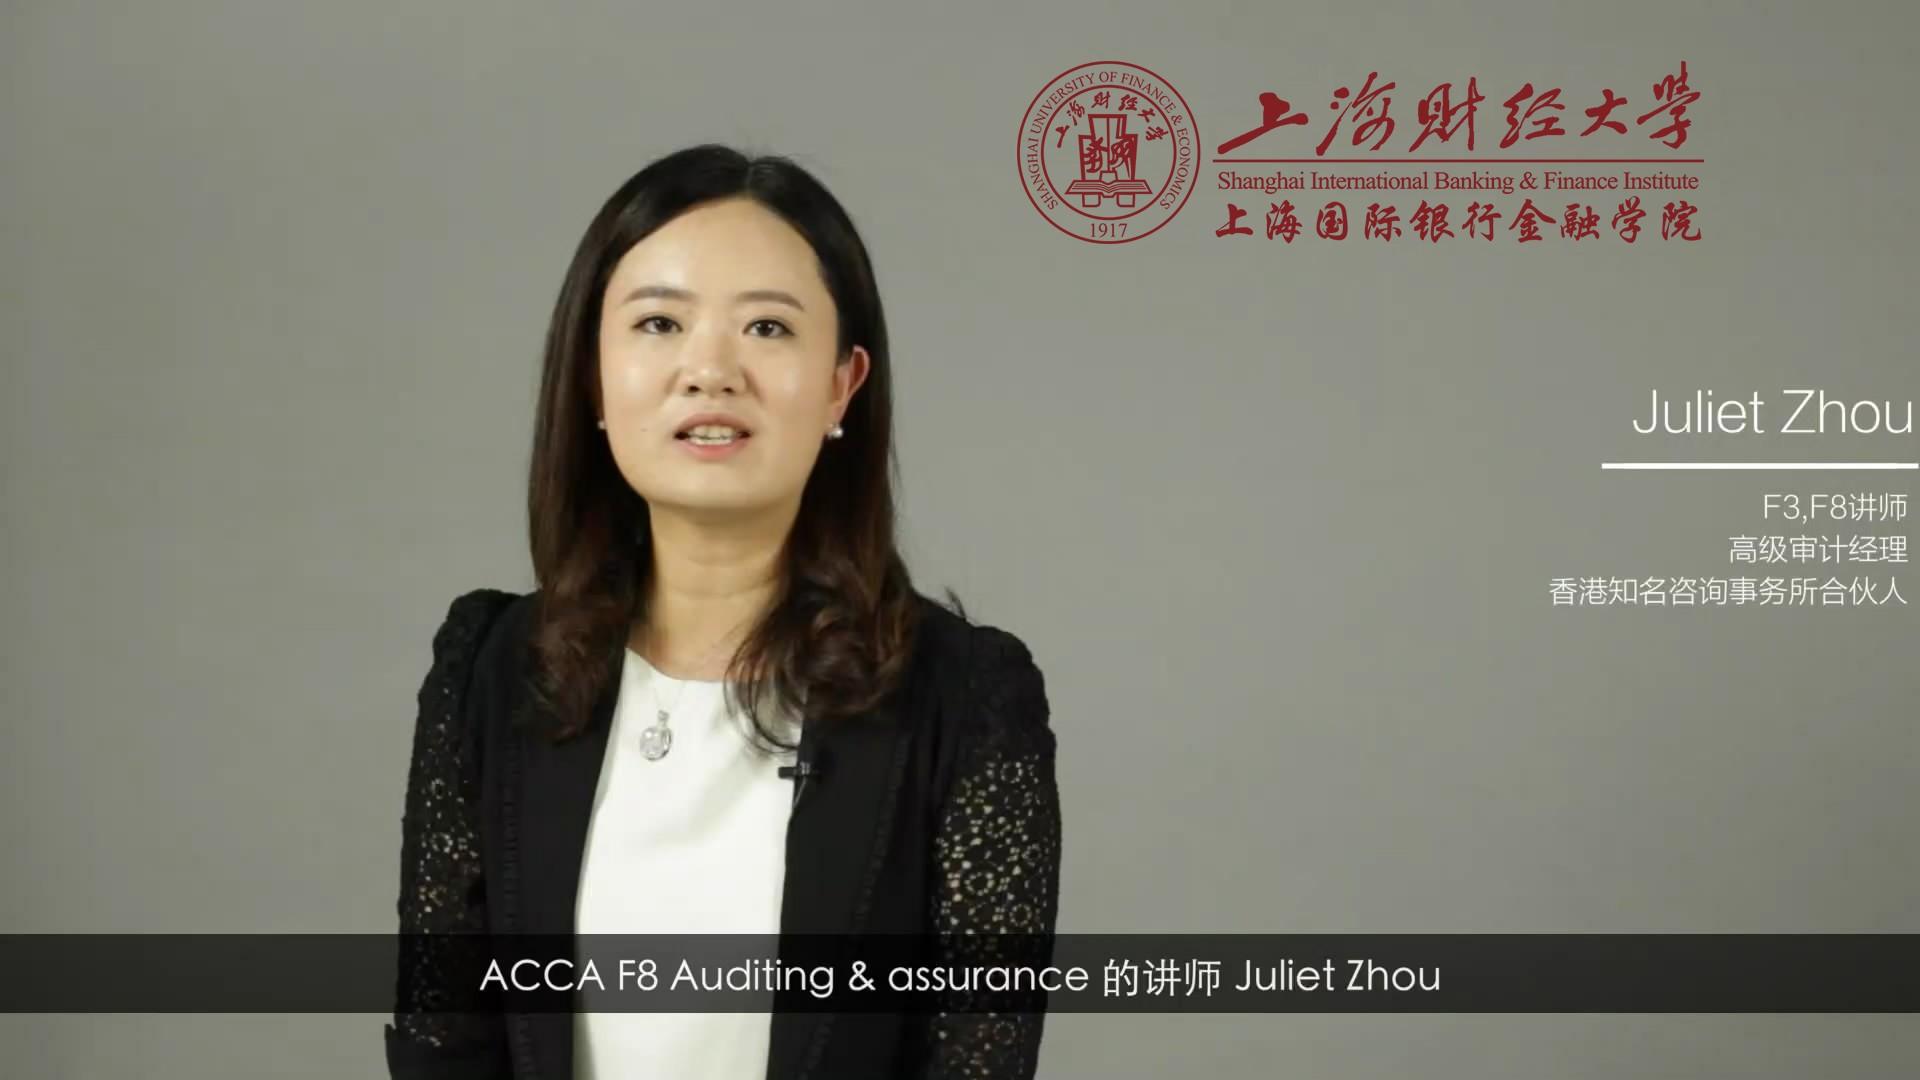 Juliet Zhou